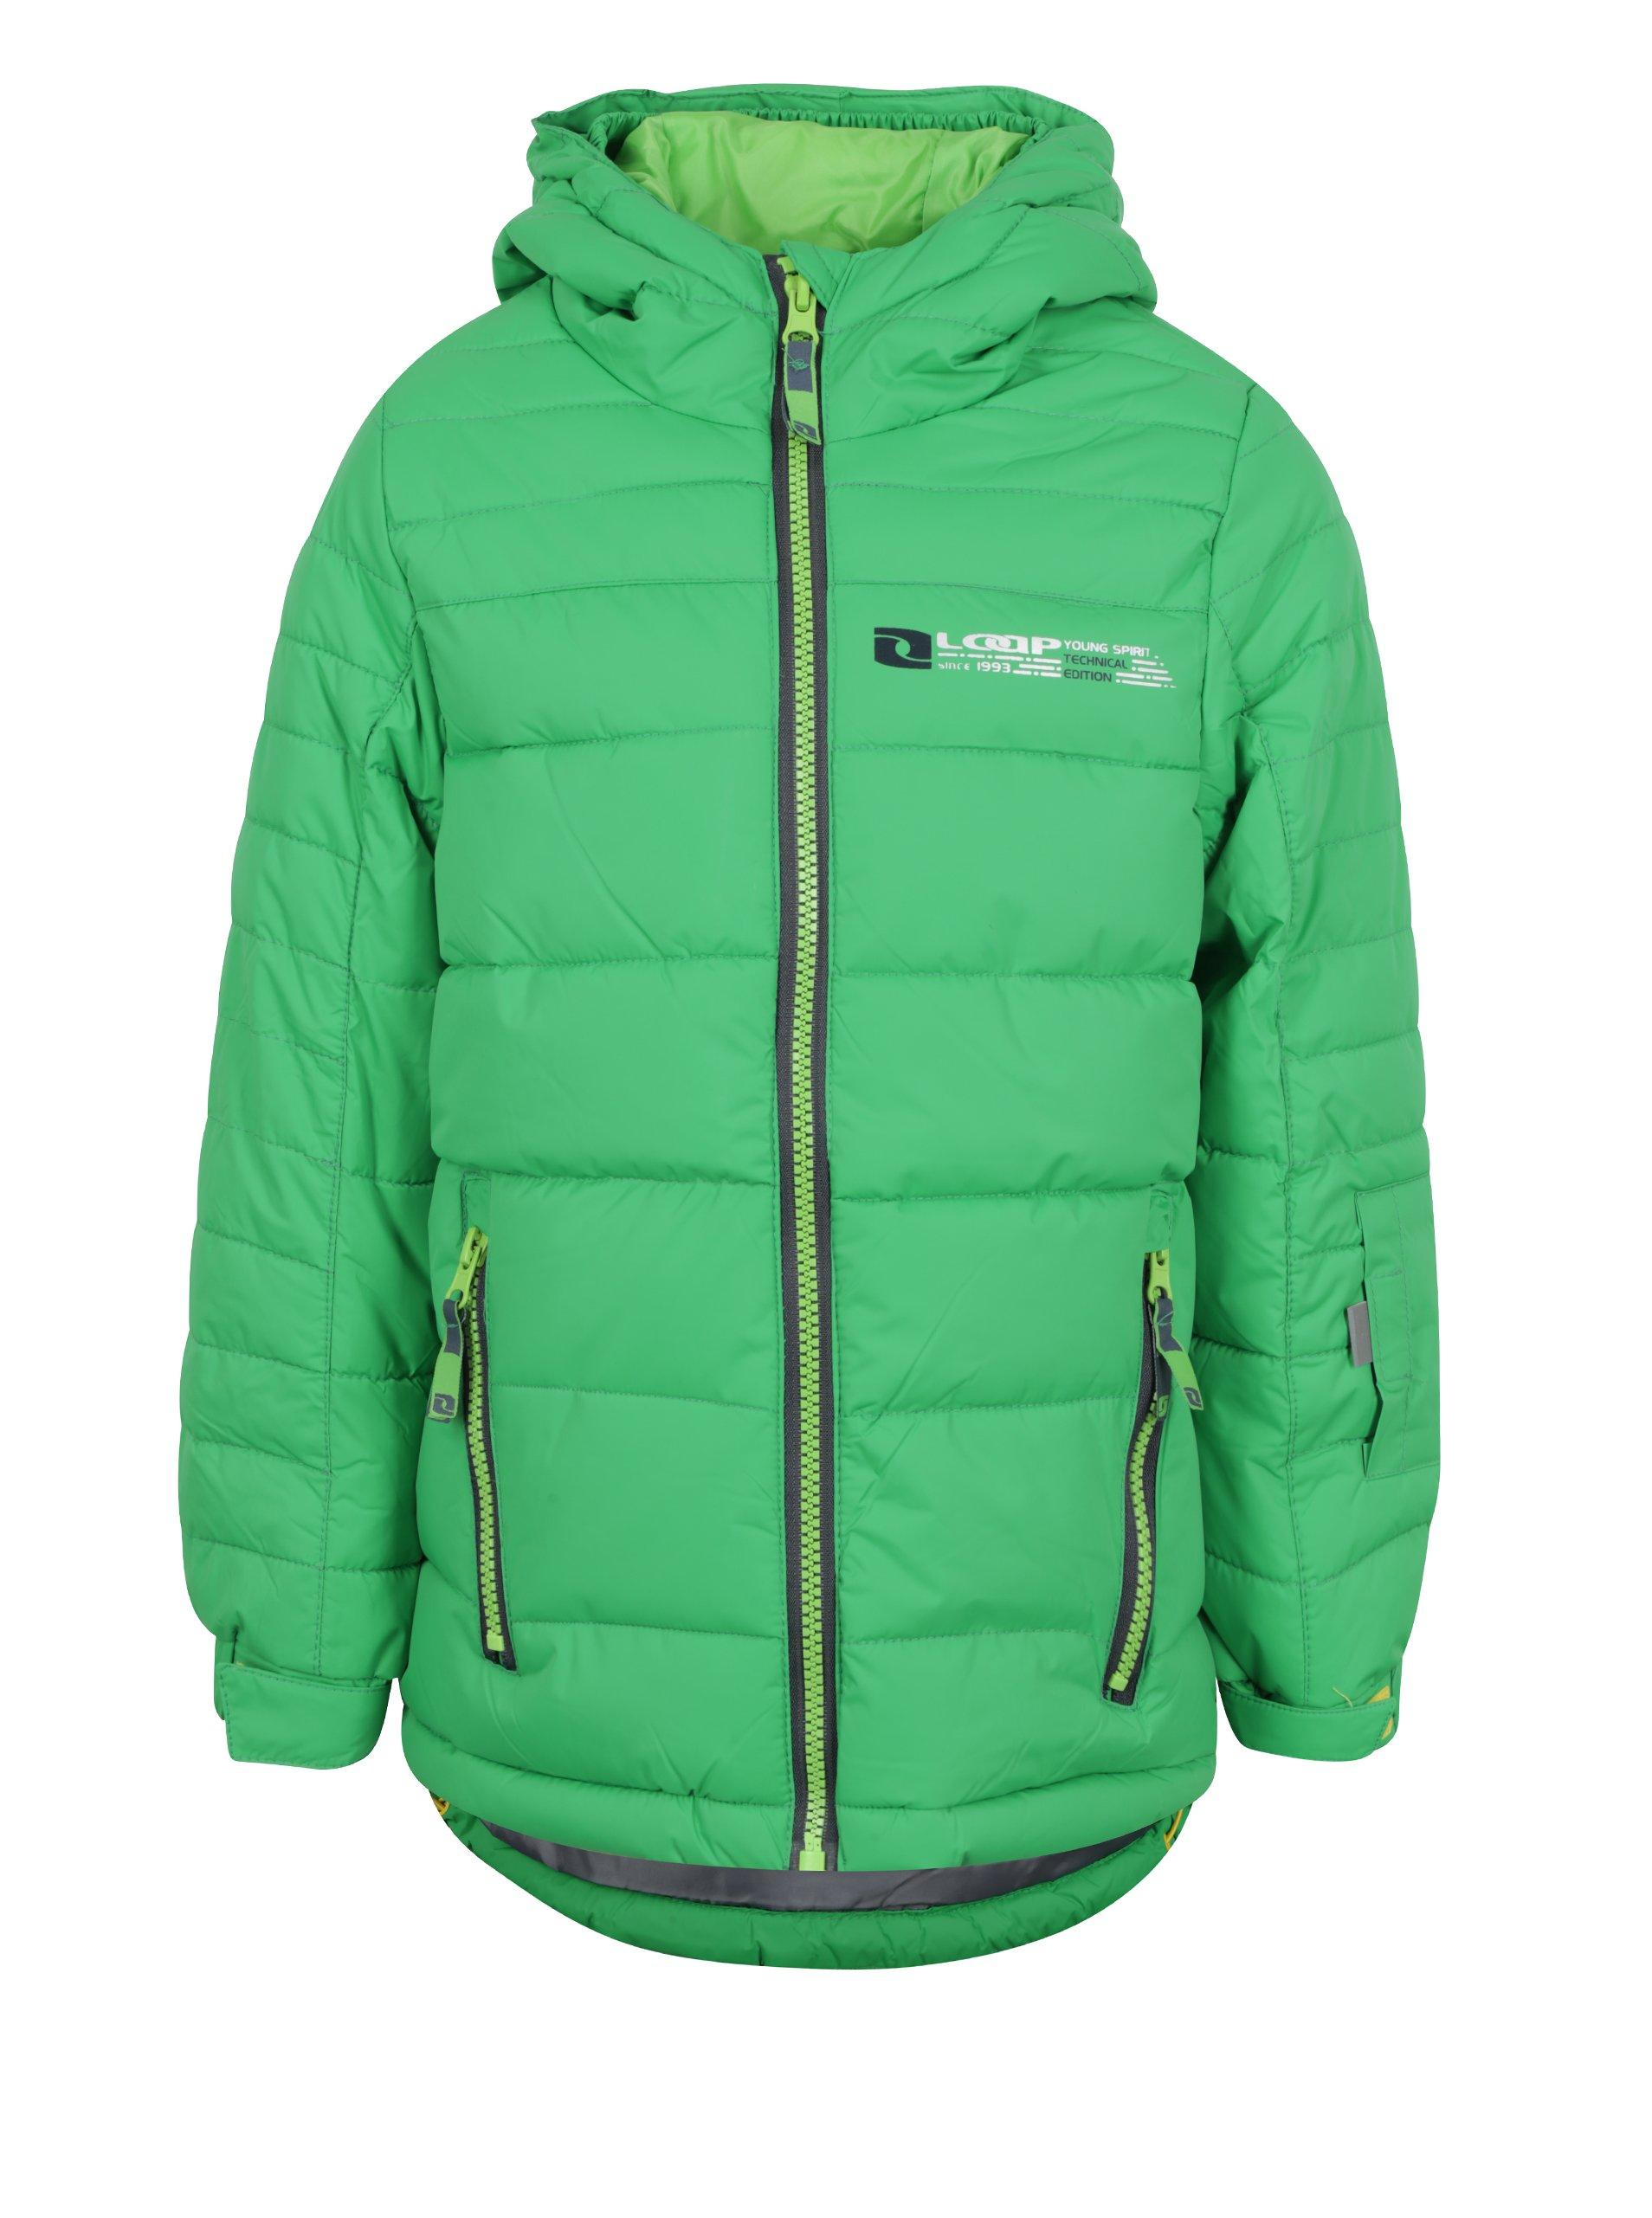 5a59759c5 Zelená chlapčenská zimná funkčná vodovzdorná bunda LOAP Ortel | Moda.sk